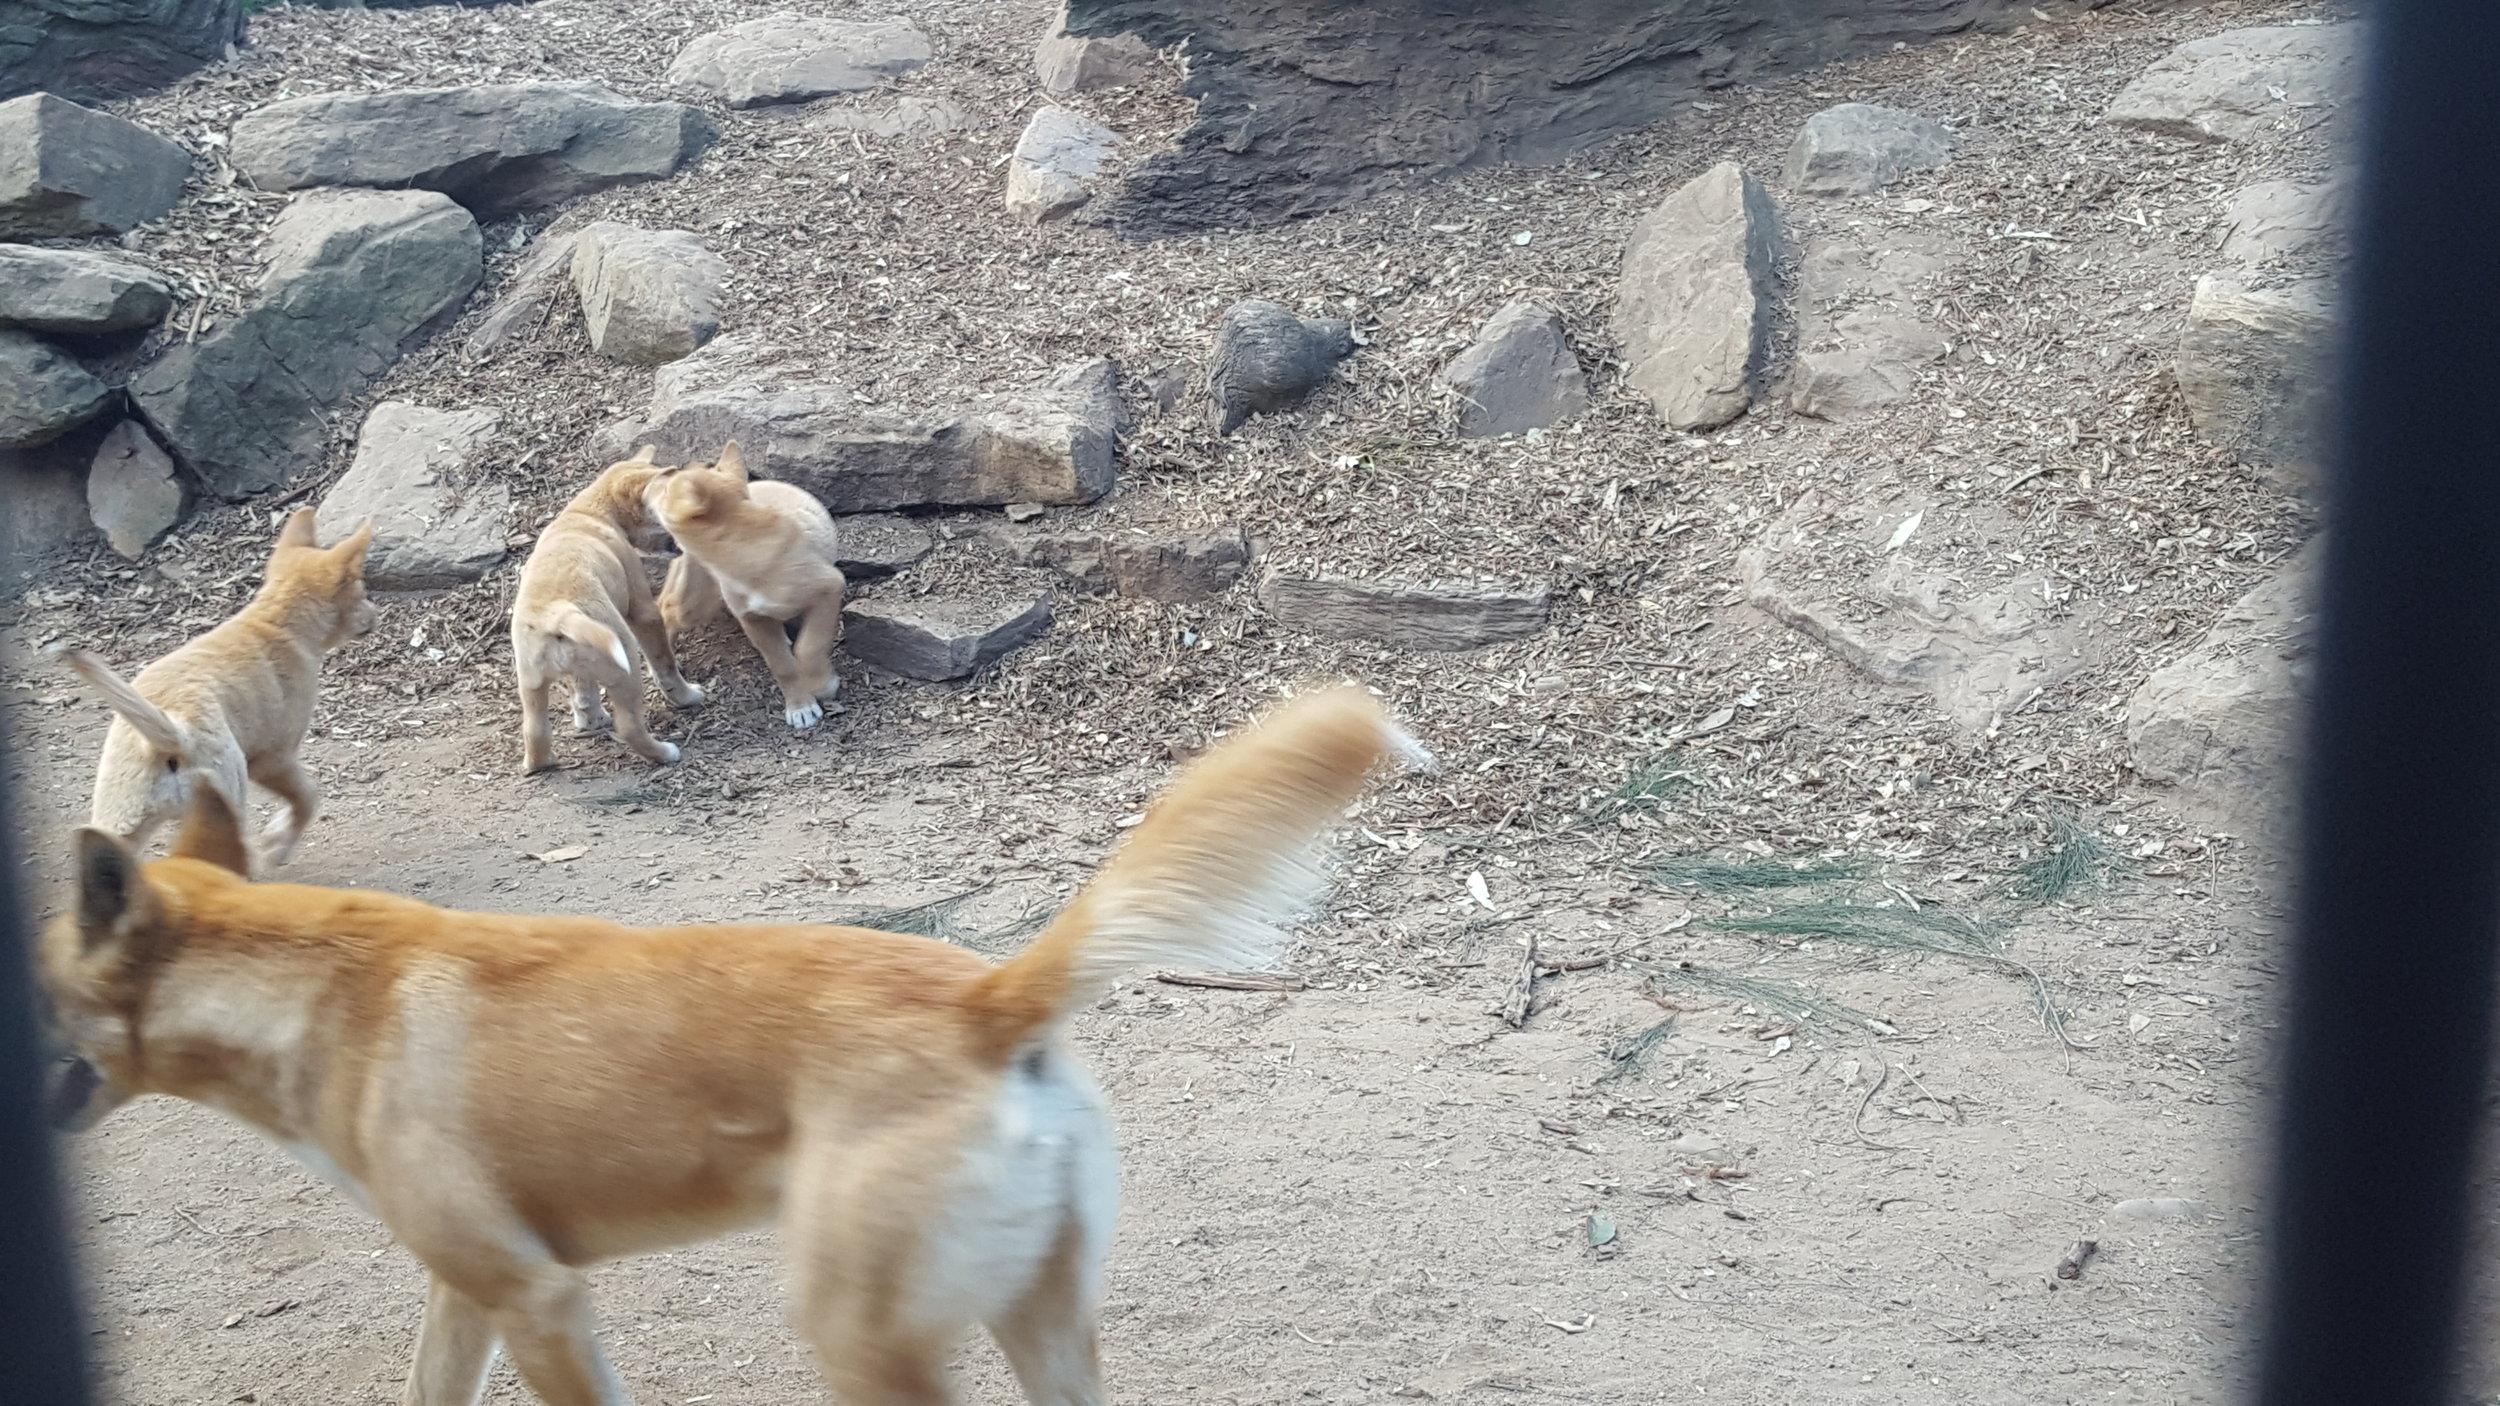 The Dingos